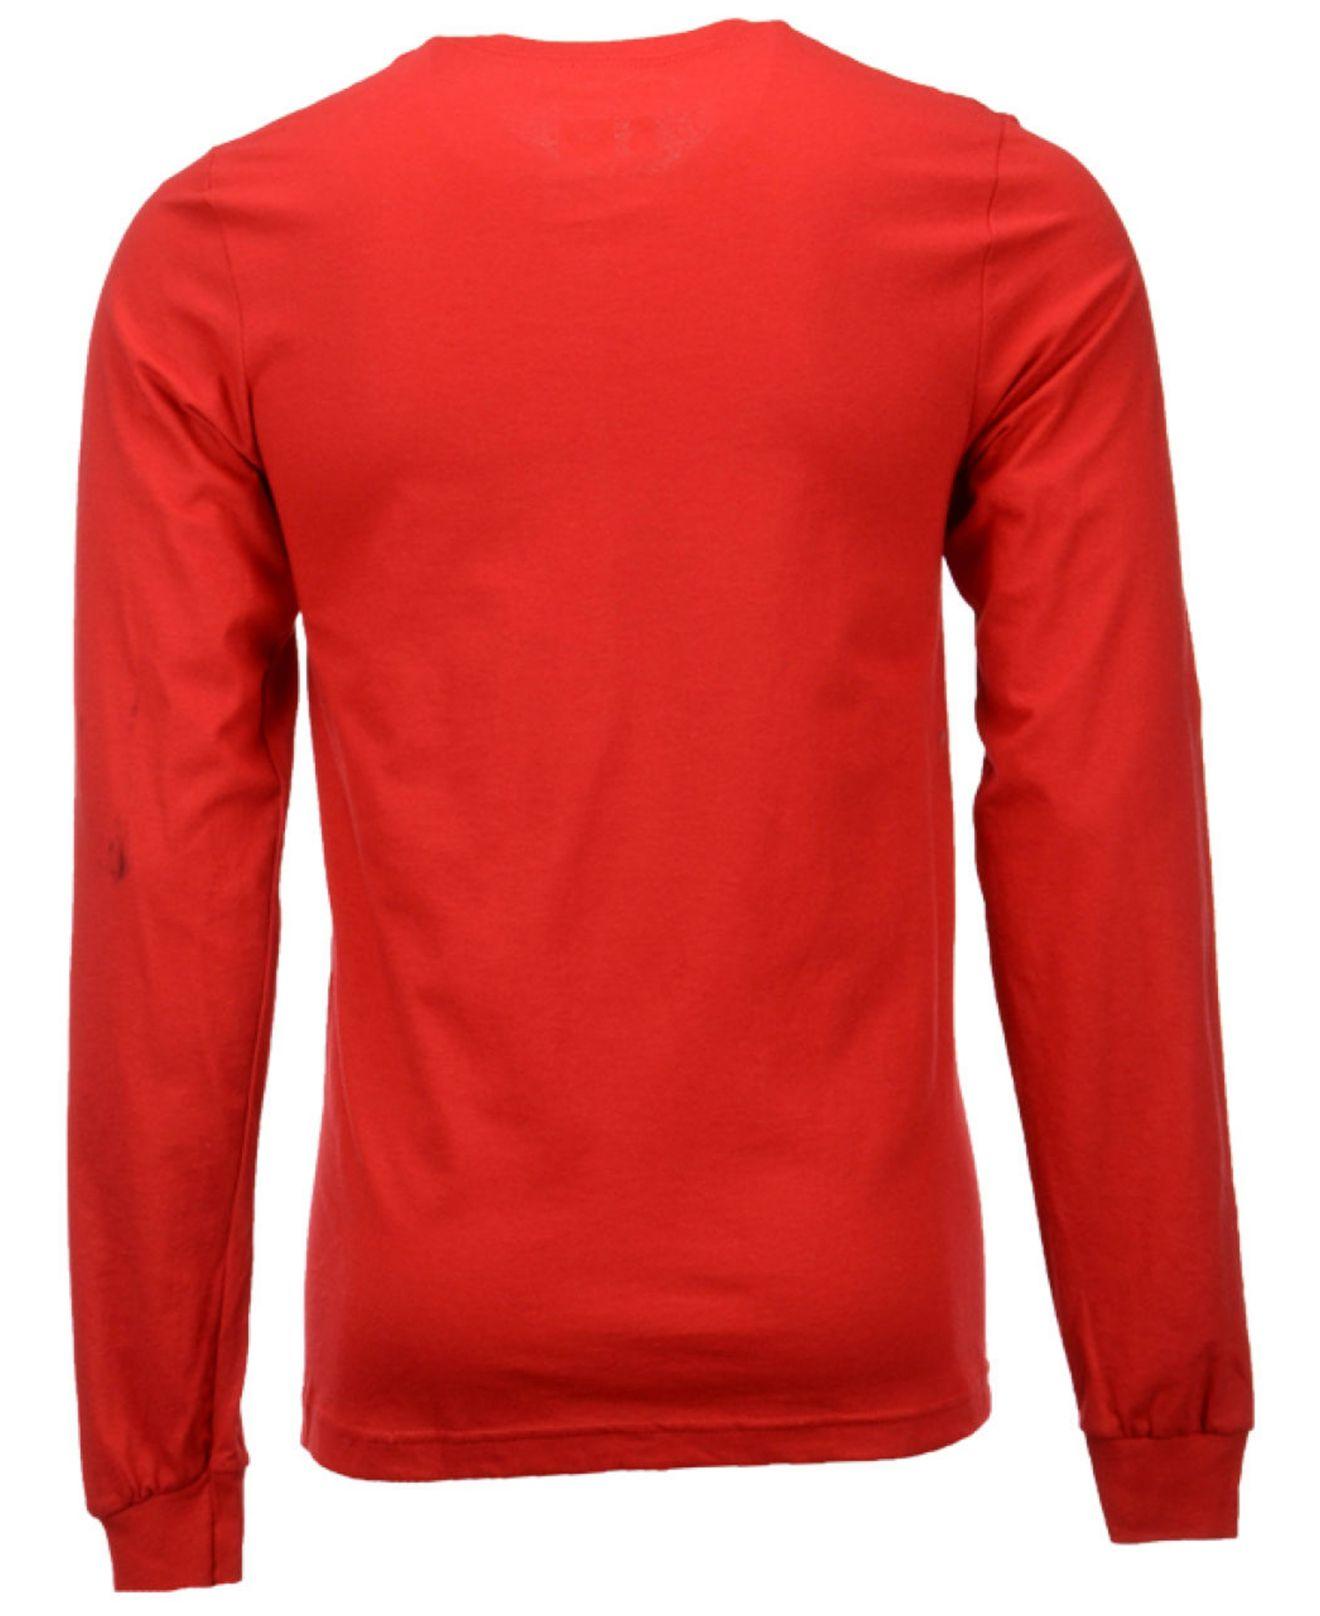 Red Long Sleeve T Shirt Mens Artee Shirt